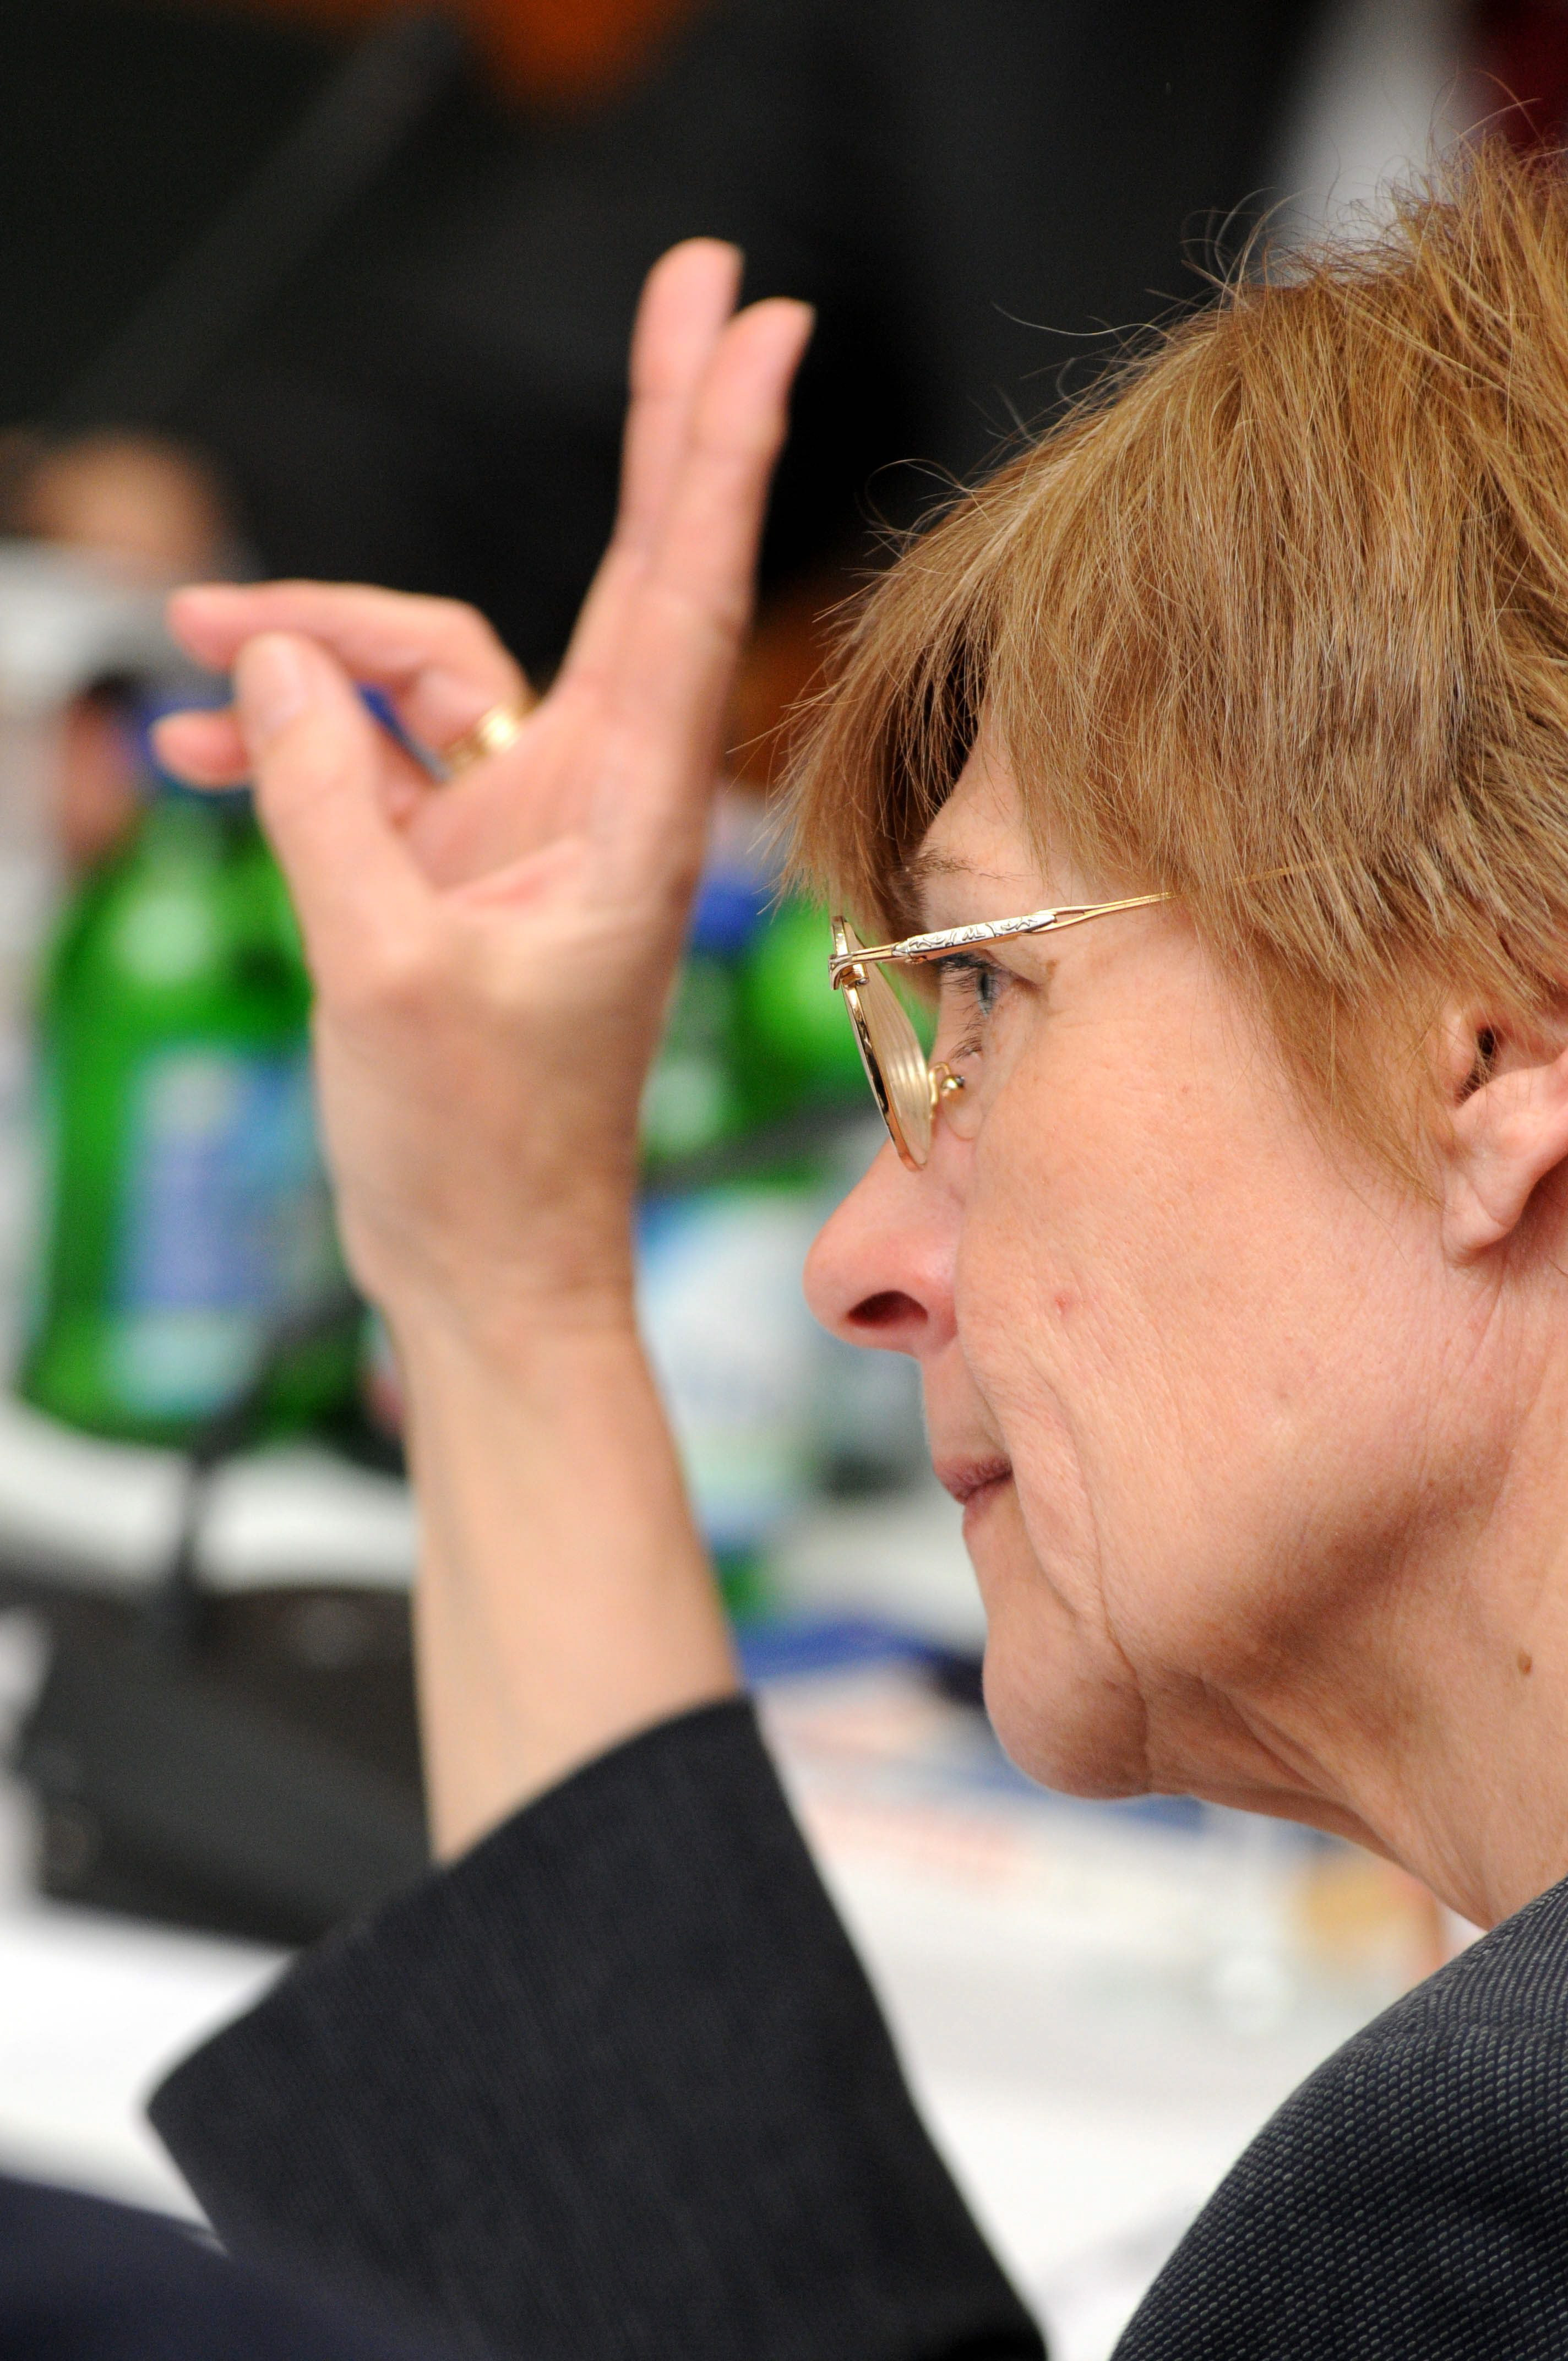 Fazekas Marianna, az Országos Választási Bizottság (OVB) tagja jelentkezik a testület ülésén az Országos Választási Központban a 2010-es országgyûlési választás elsõ fordulóján. MTI Fotó: Honéczy Barnabás